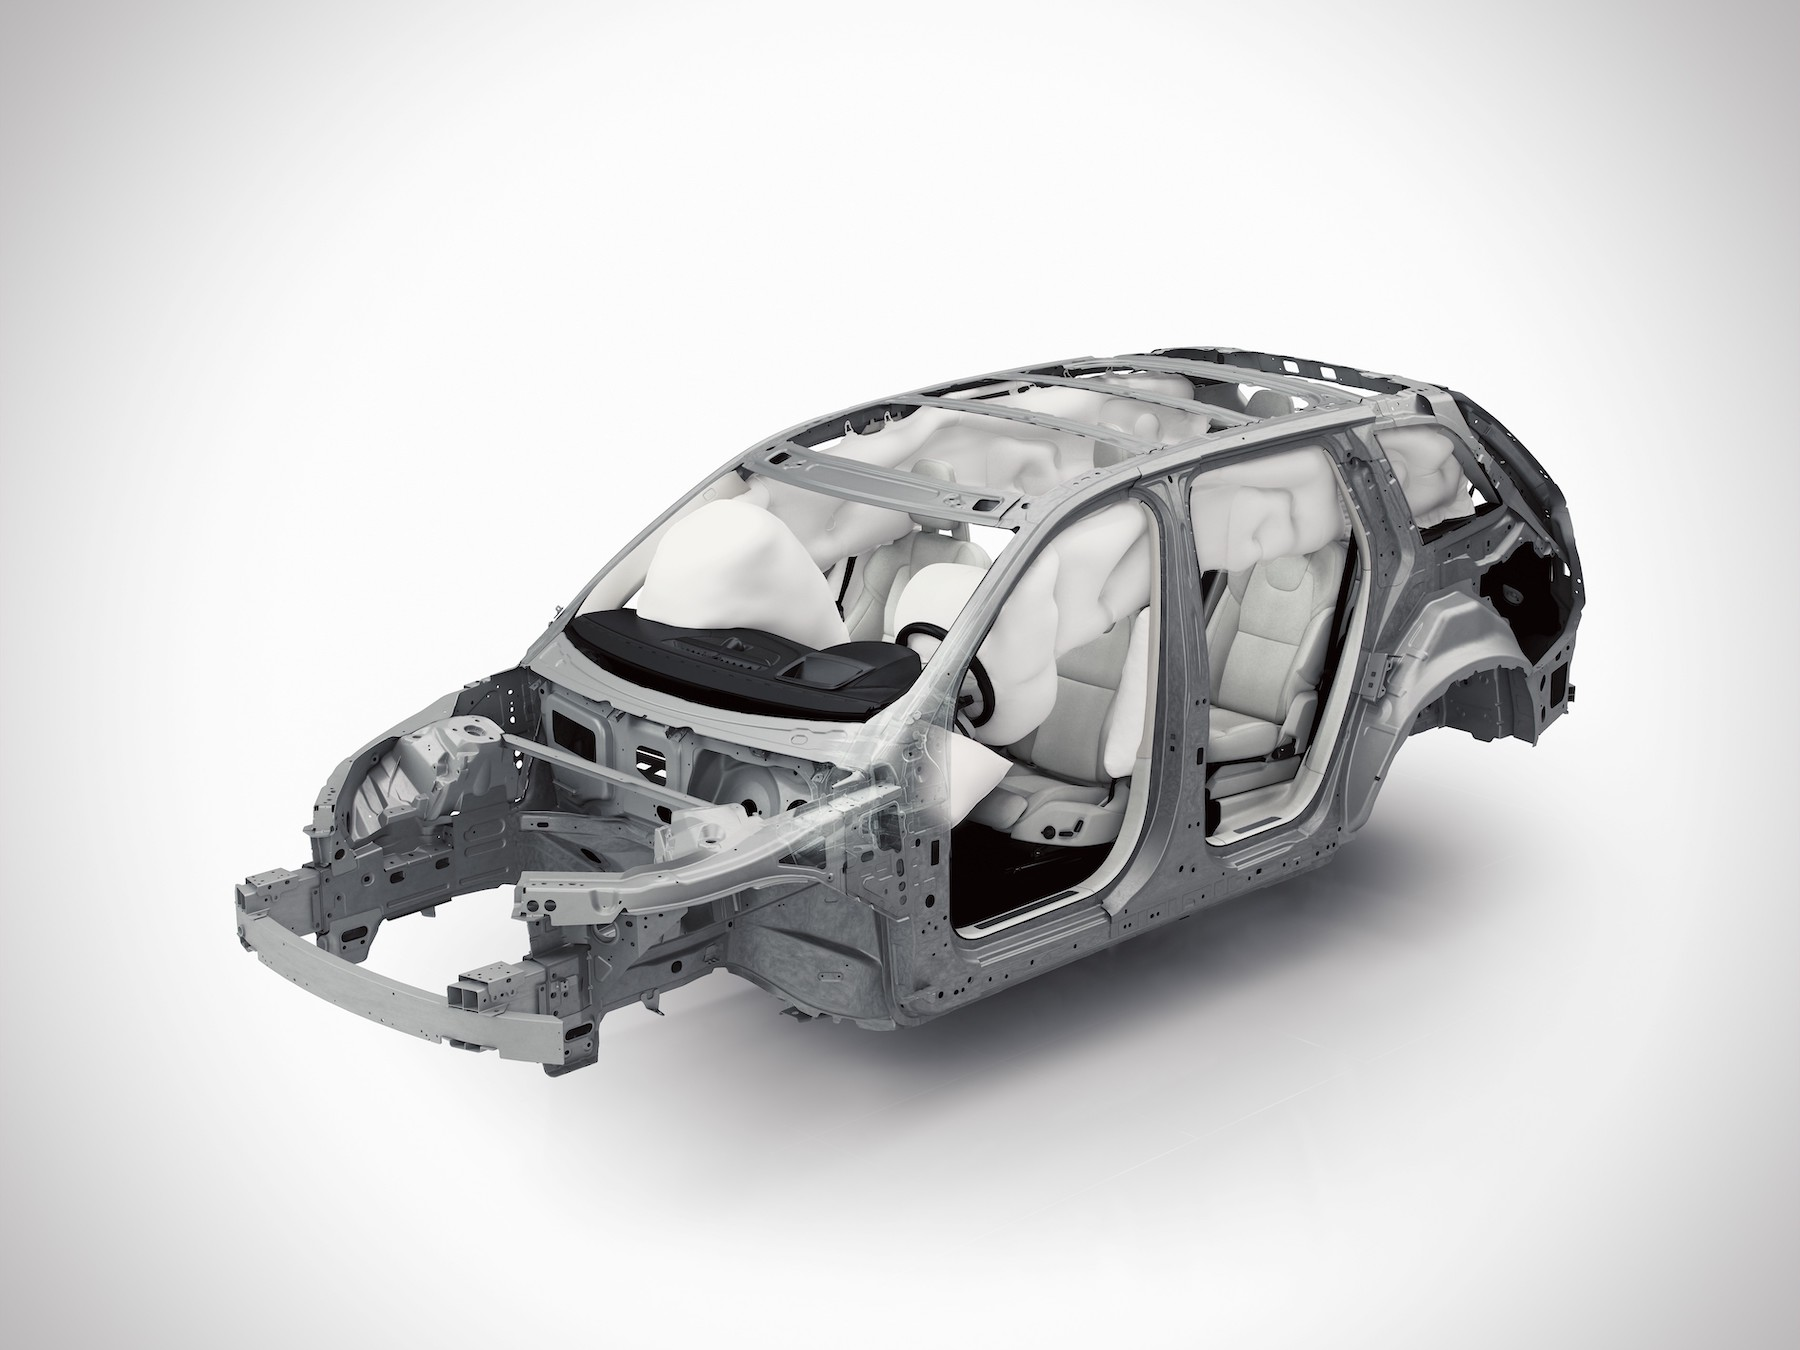 Das sind die wichtigsten Volvo Sicherheitsinnovationen